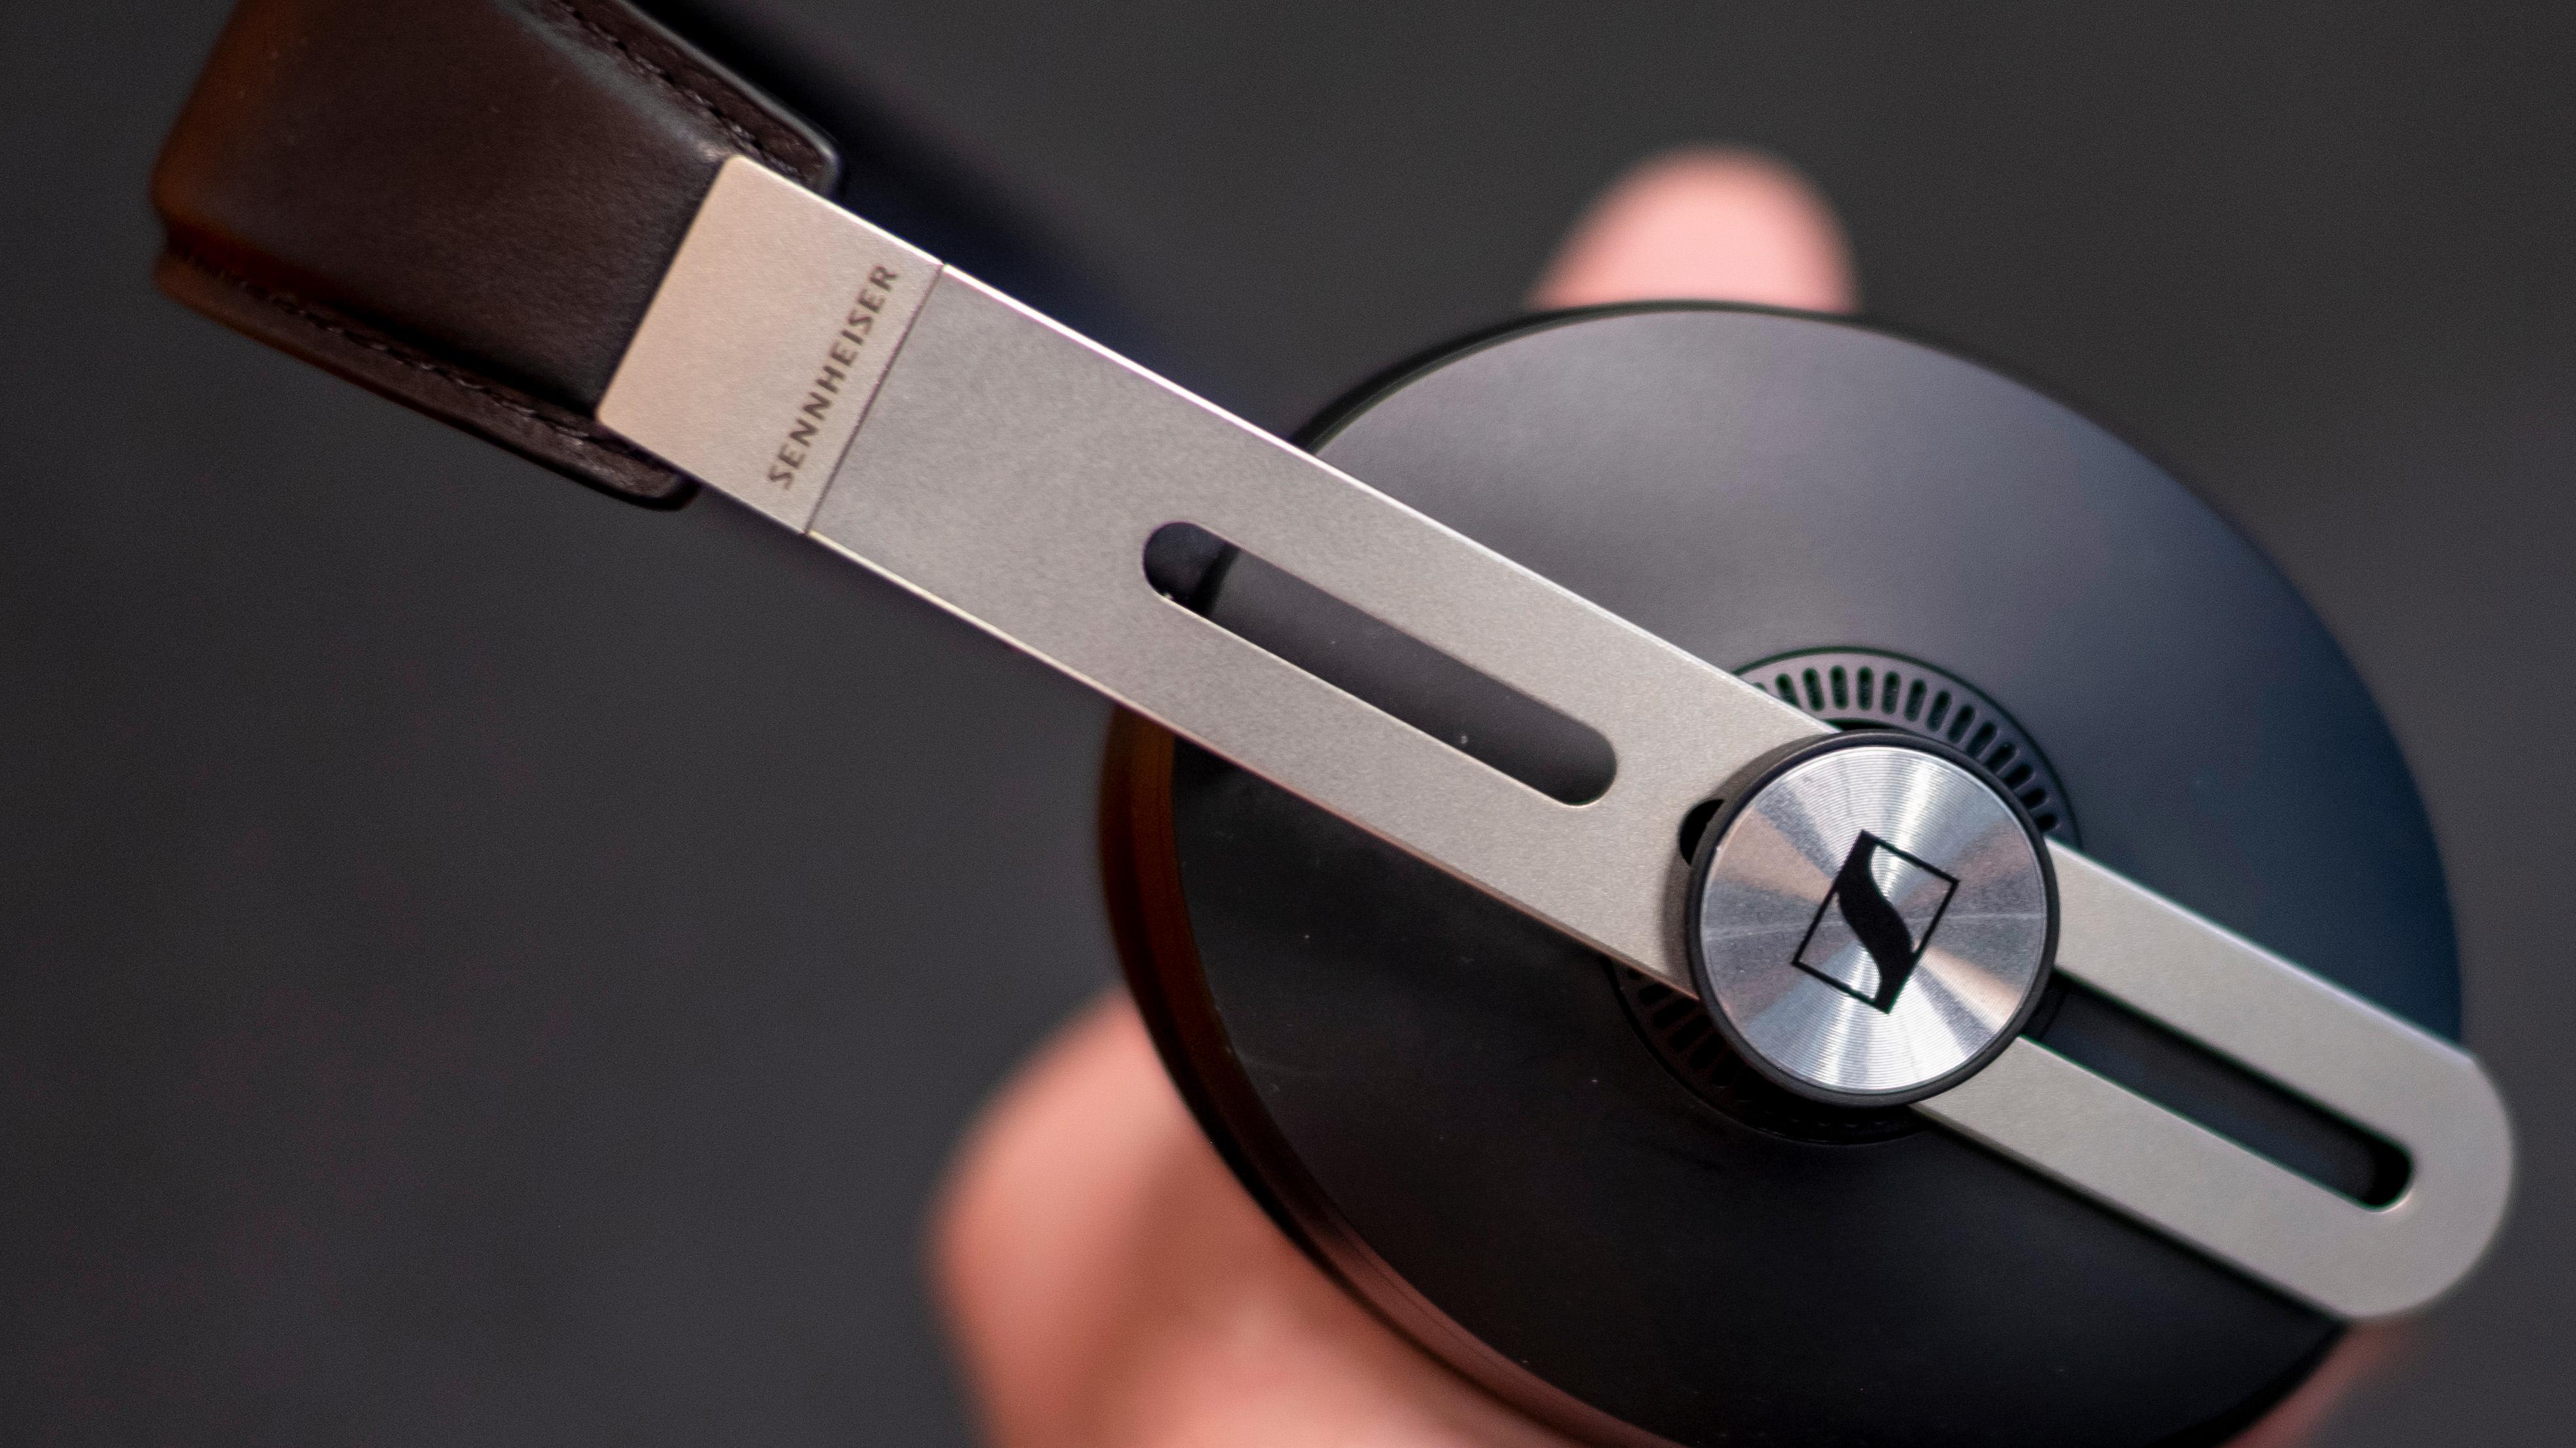 Sennheisers Momentum-klokker har hatt samme type design helt siden de kom. Det ser litt ekstra robust ut, og det føles også velbygget.